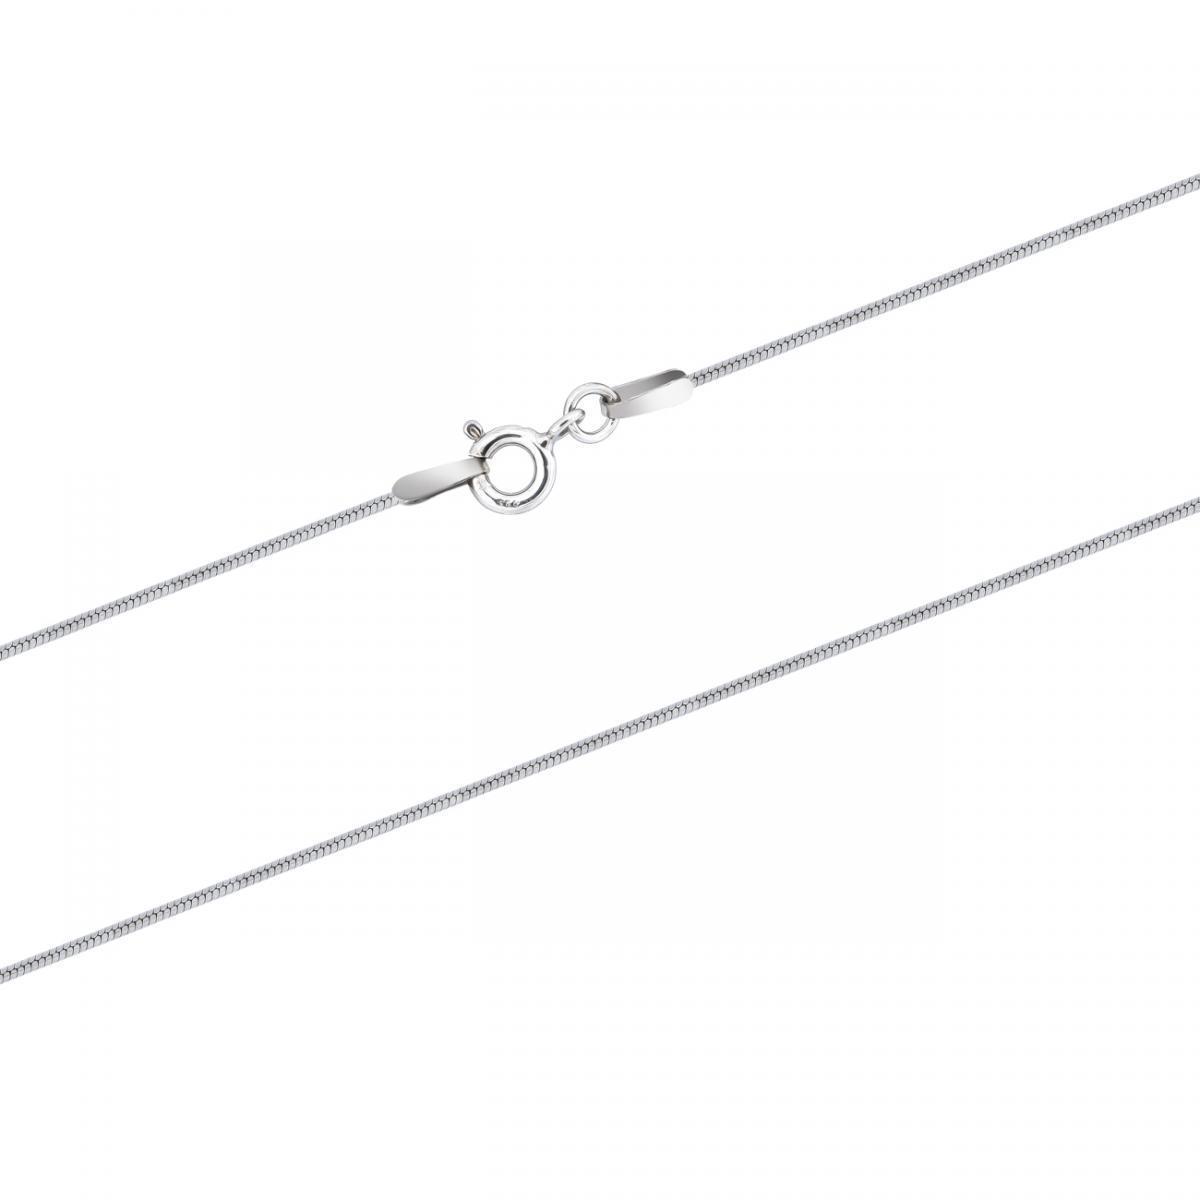 Срібний ланцюжок-снейк з алмазною огранкою  (40)